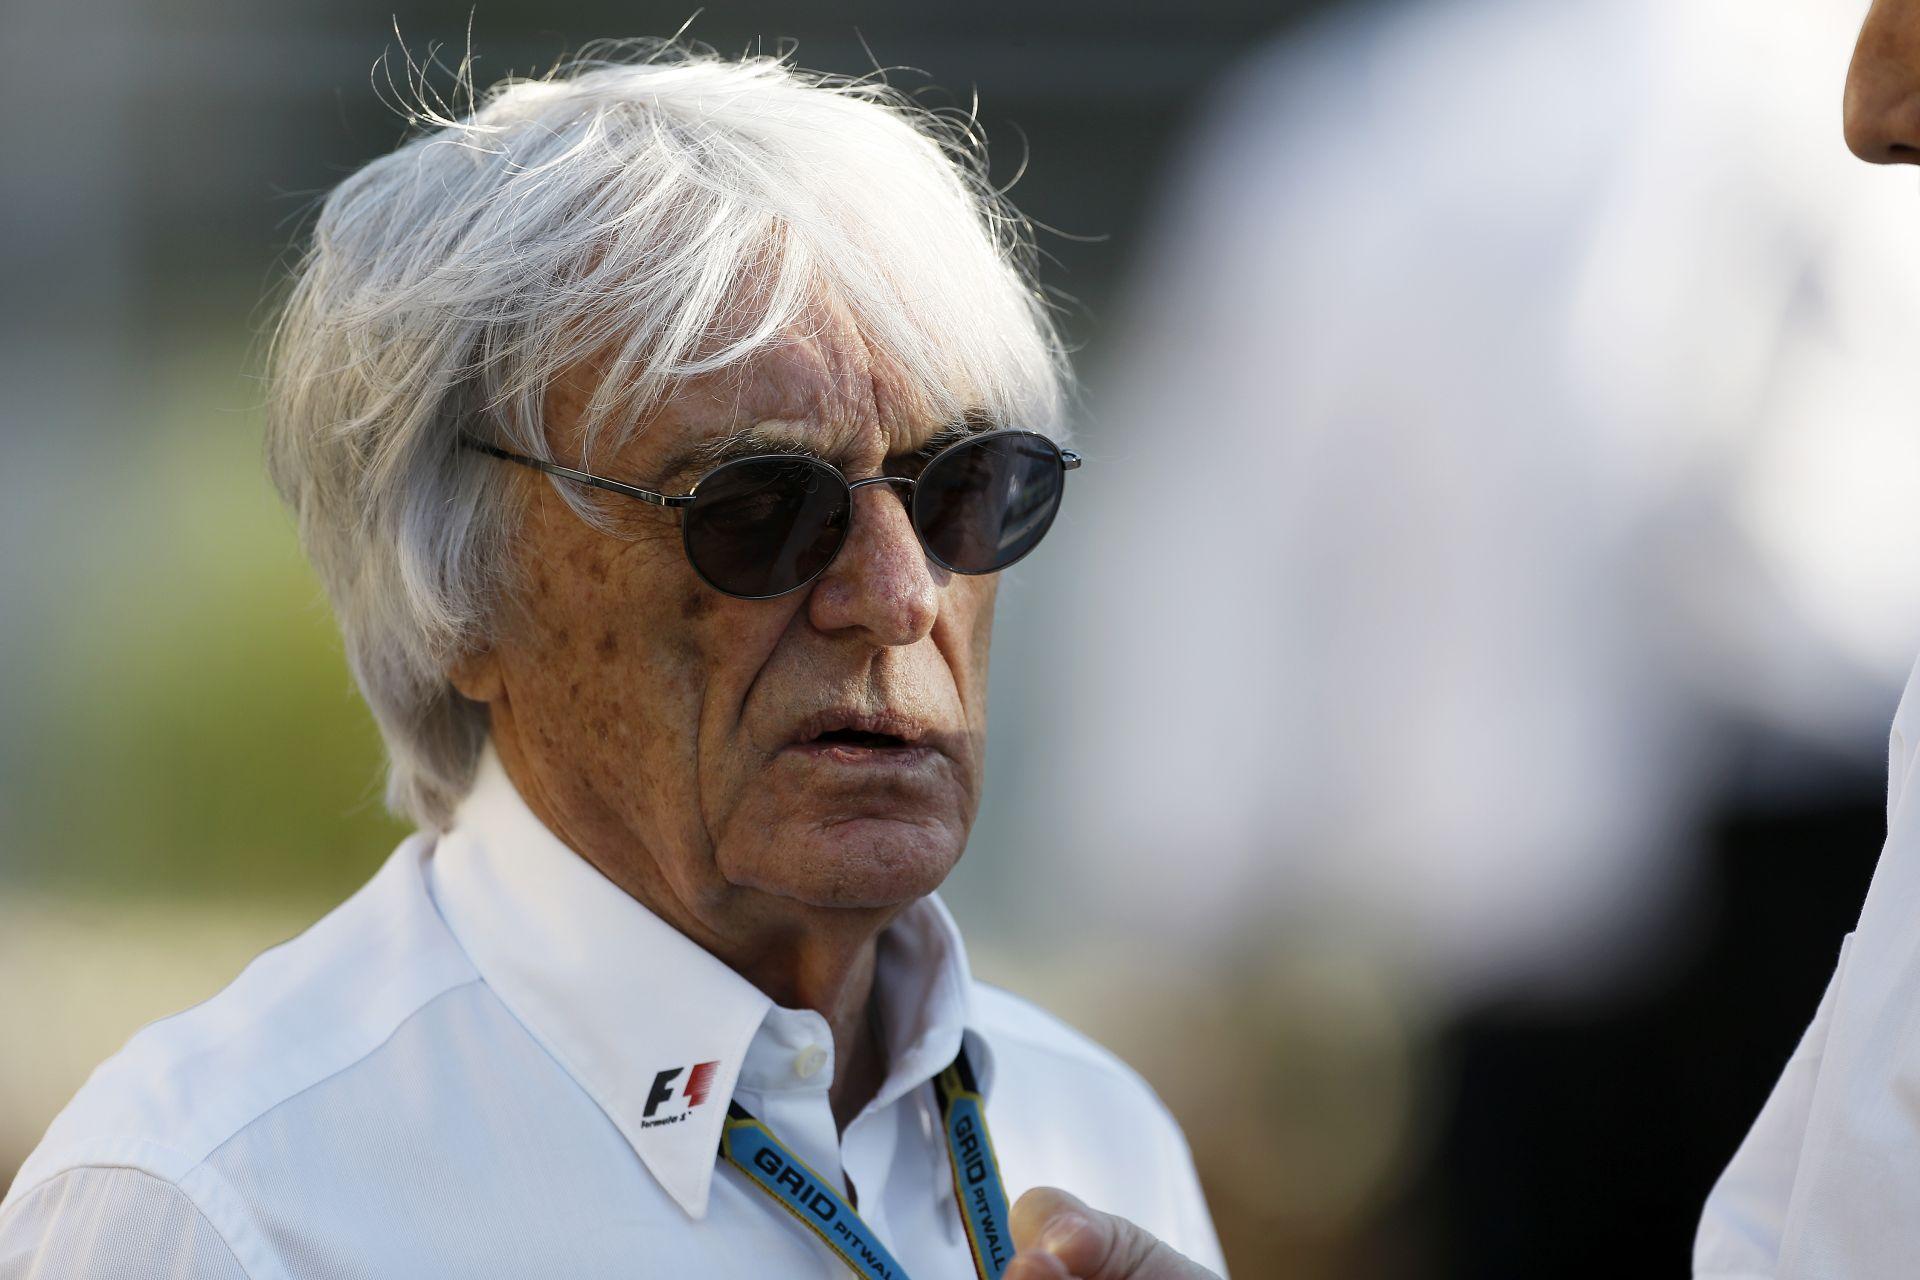 BRÉKING: Nem megy börtönbe a Forma-1 mindenható ura, Bernie Ecclestone